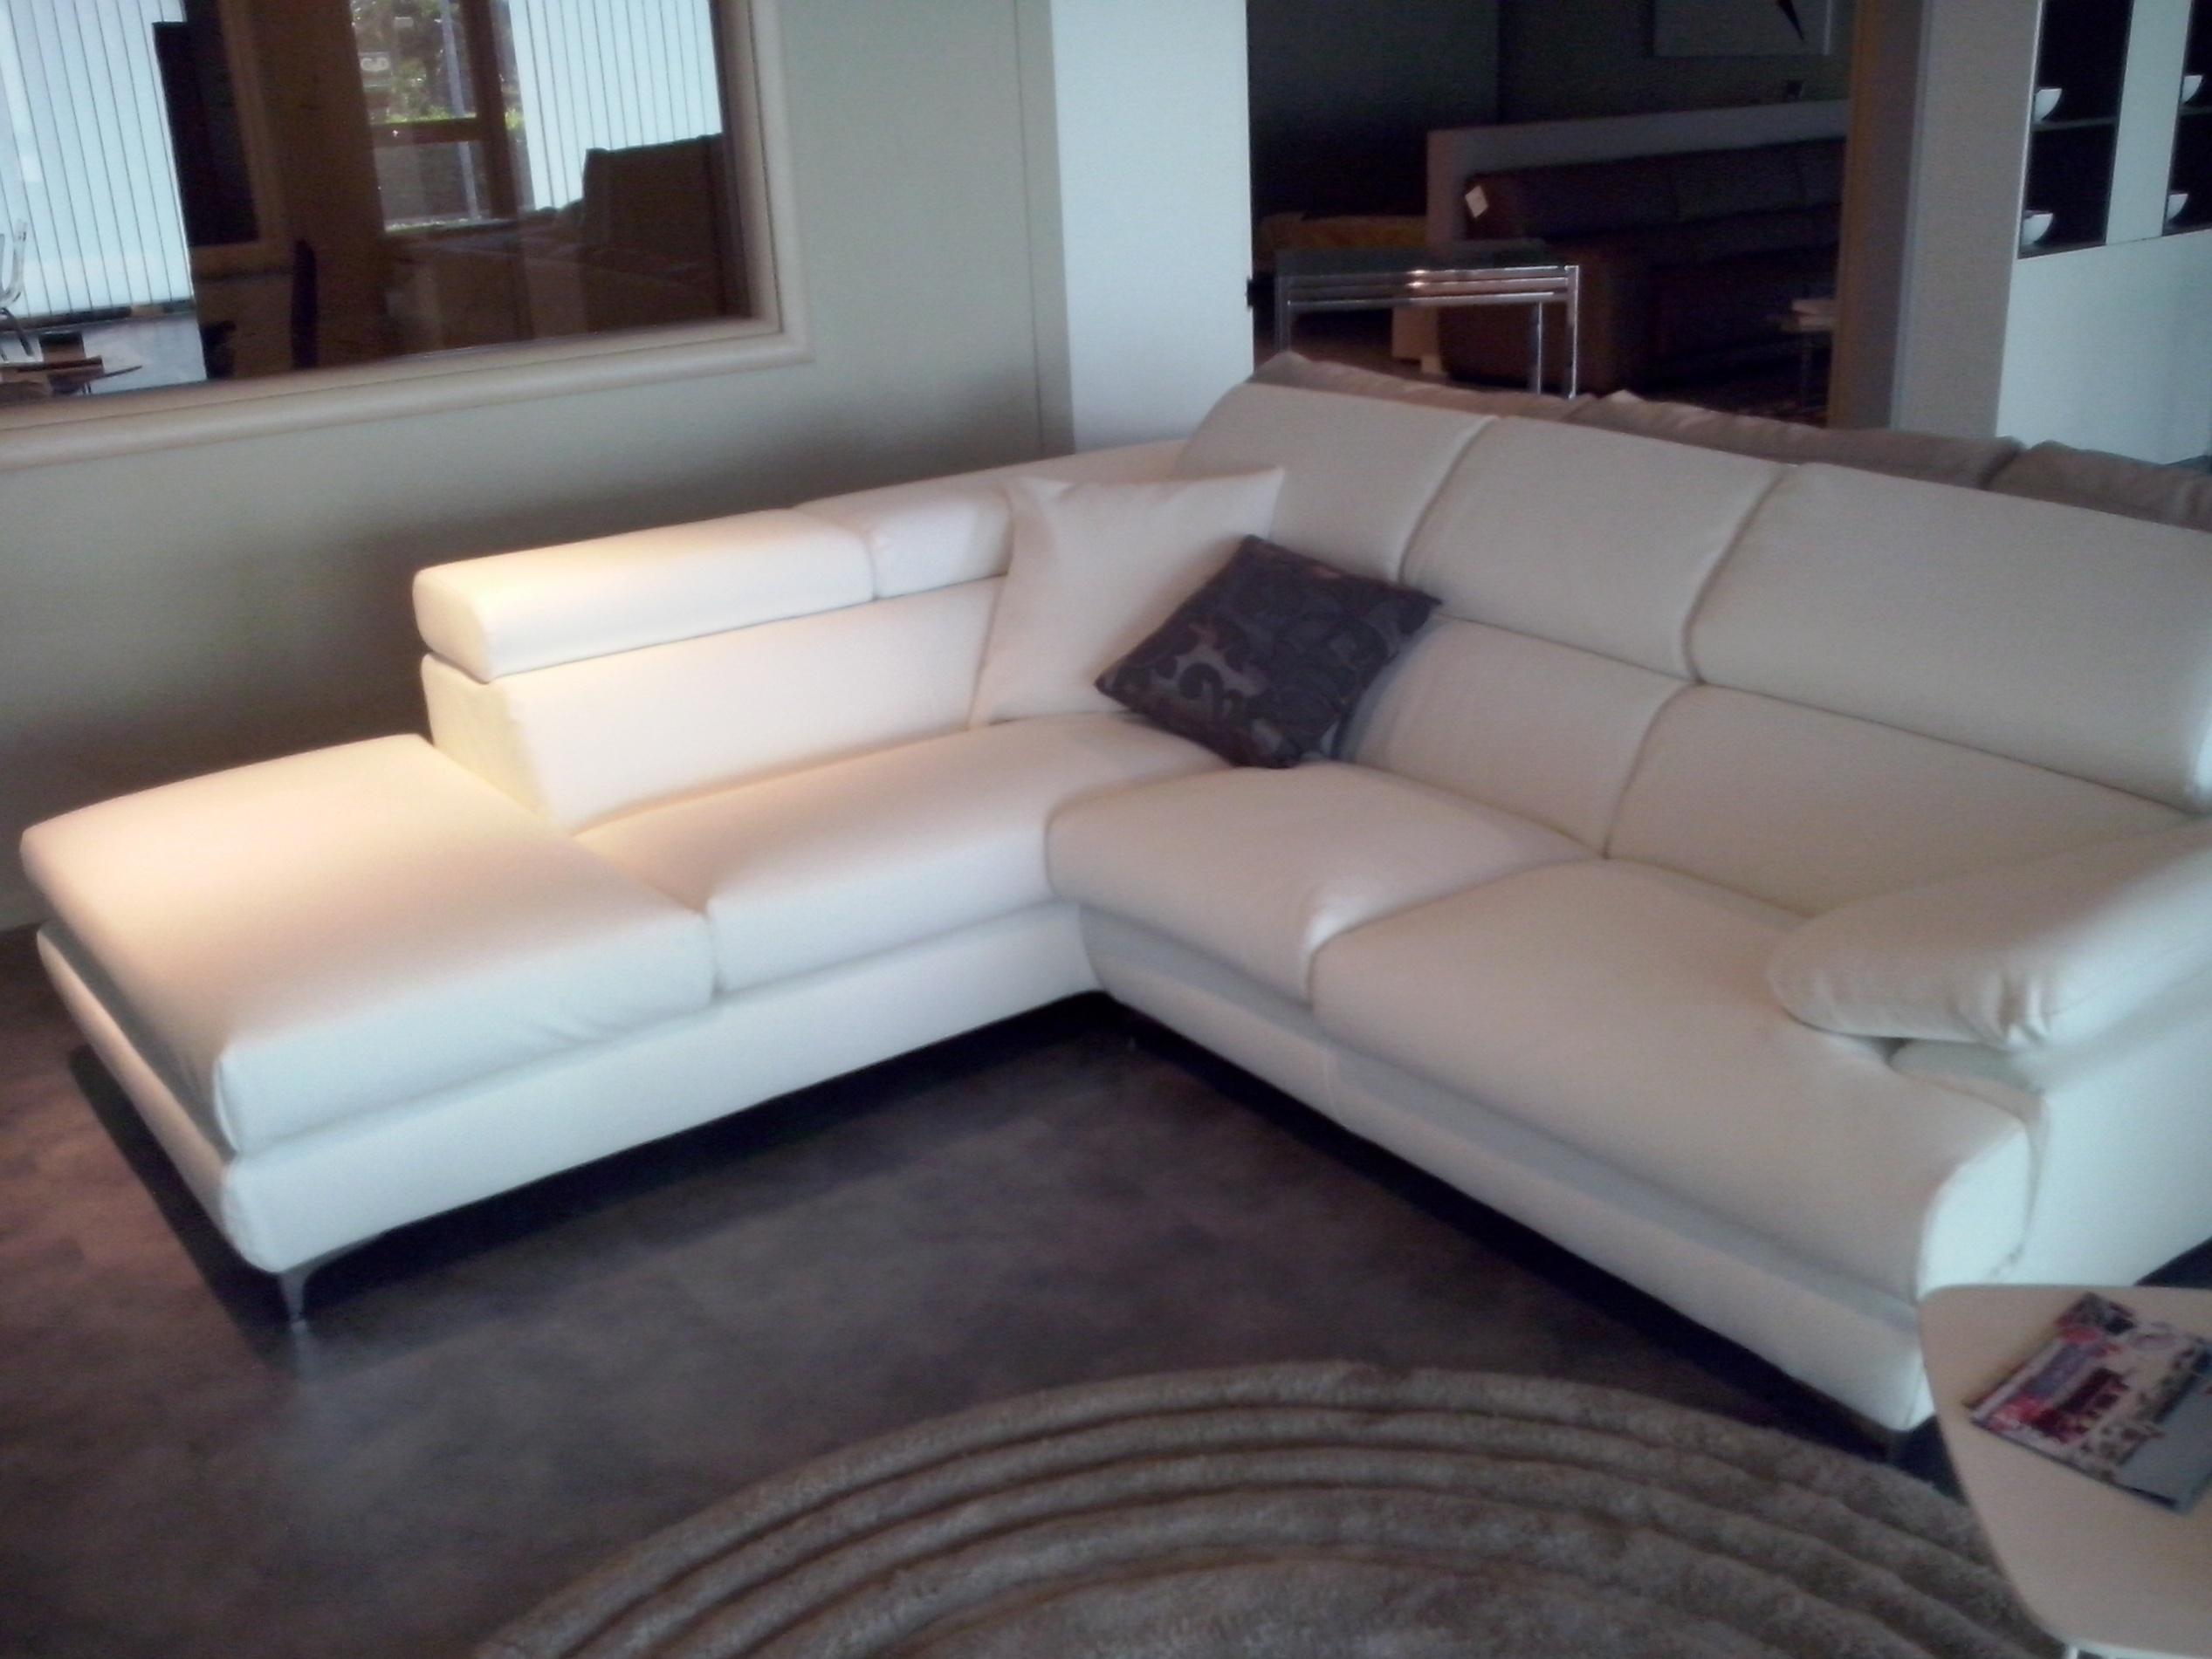 divano excò divano in pelle ad angolo - divani a prezzi scontati - In Pelle Bianca Divano Ad Angolo Design